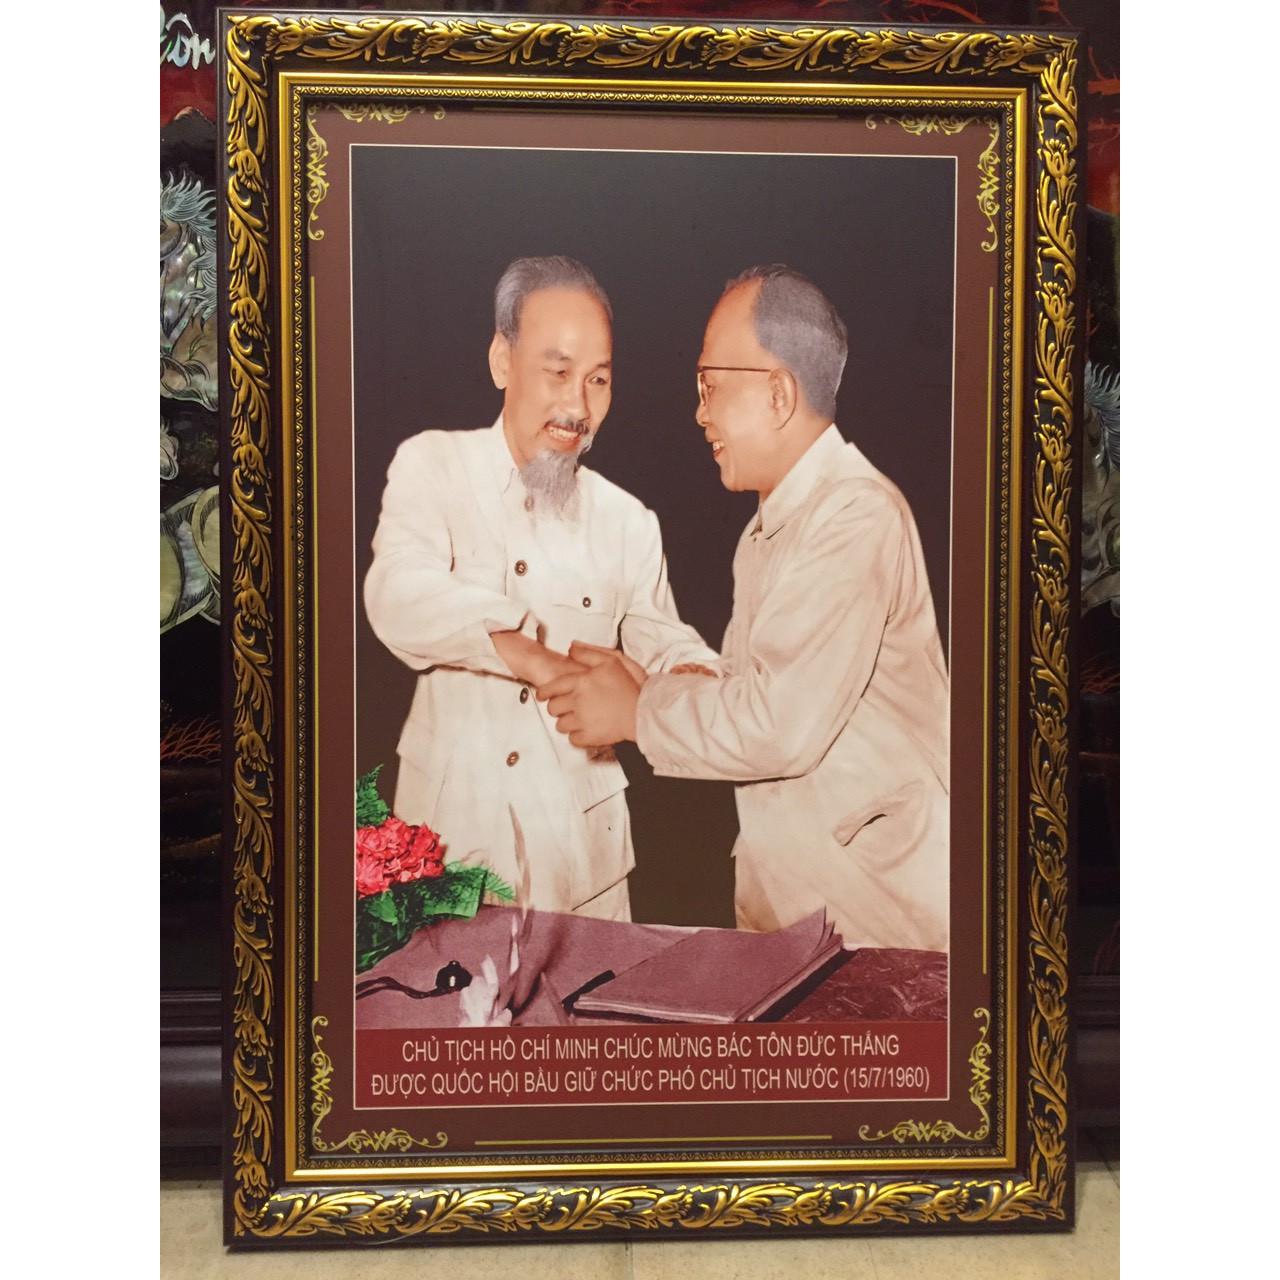 Tranh Ảnh Chủ tịch Hồ Chí Minh & Phó Chủ tịch Tôn Đức Thắng 1960 - B09